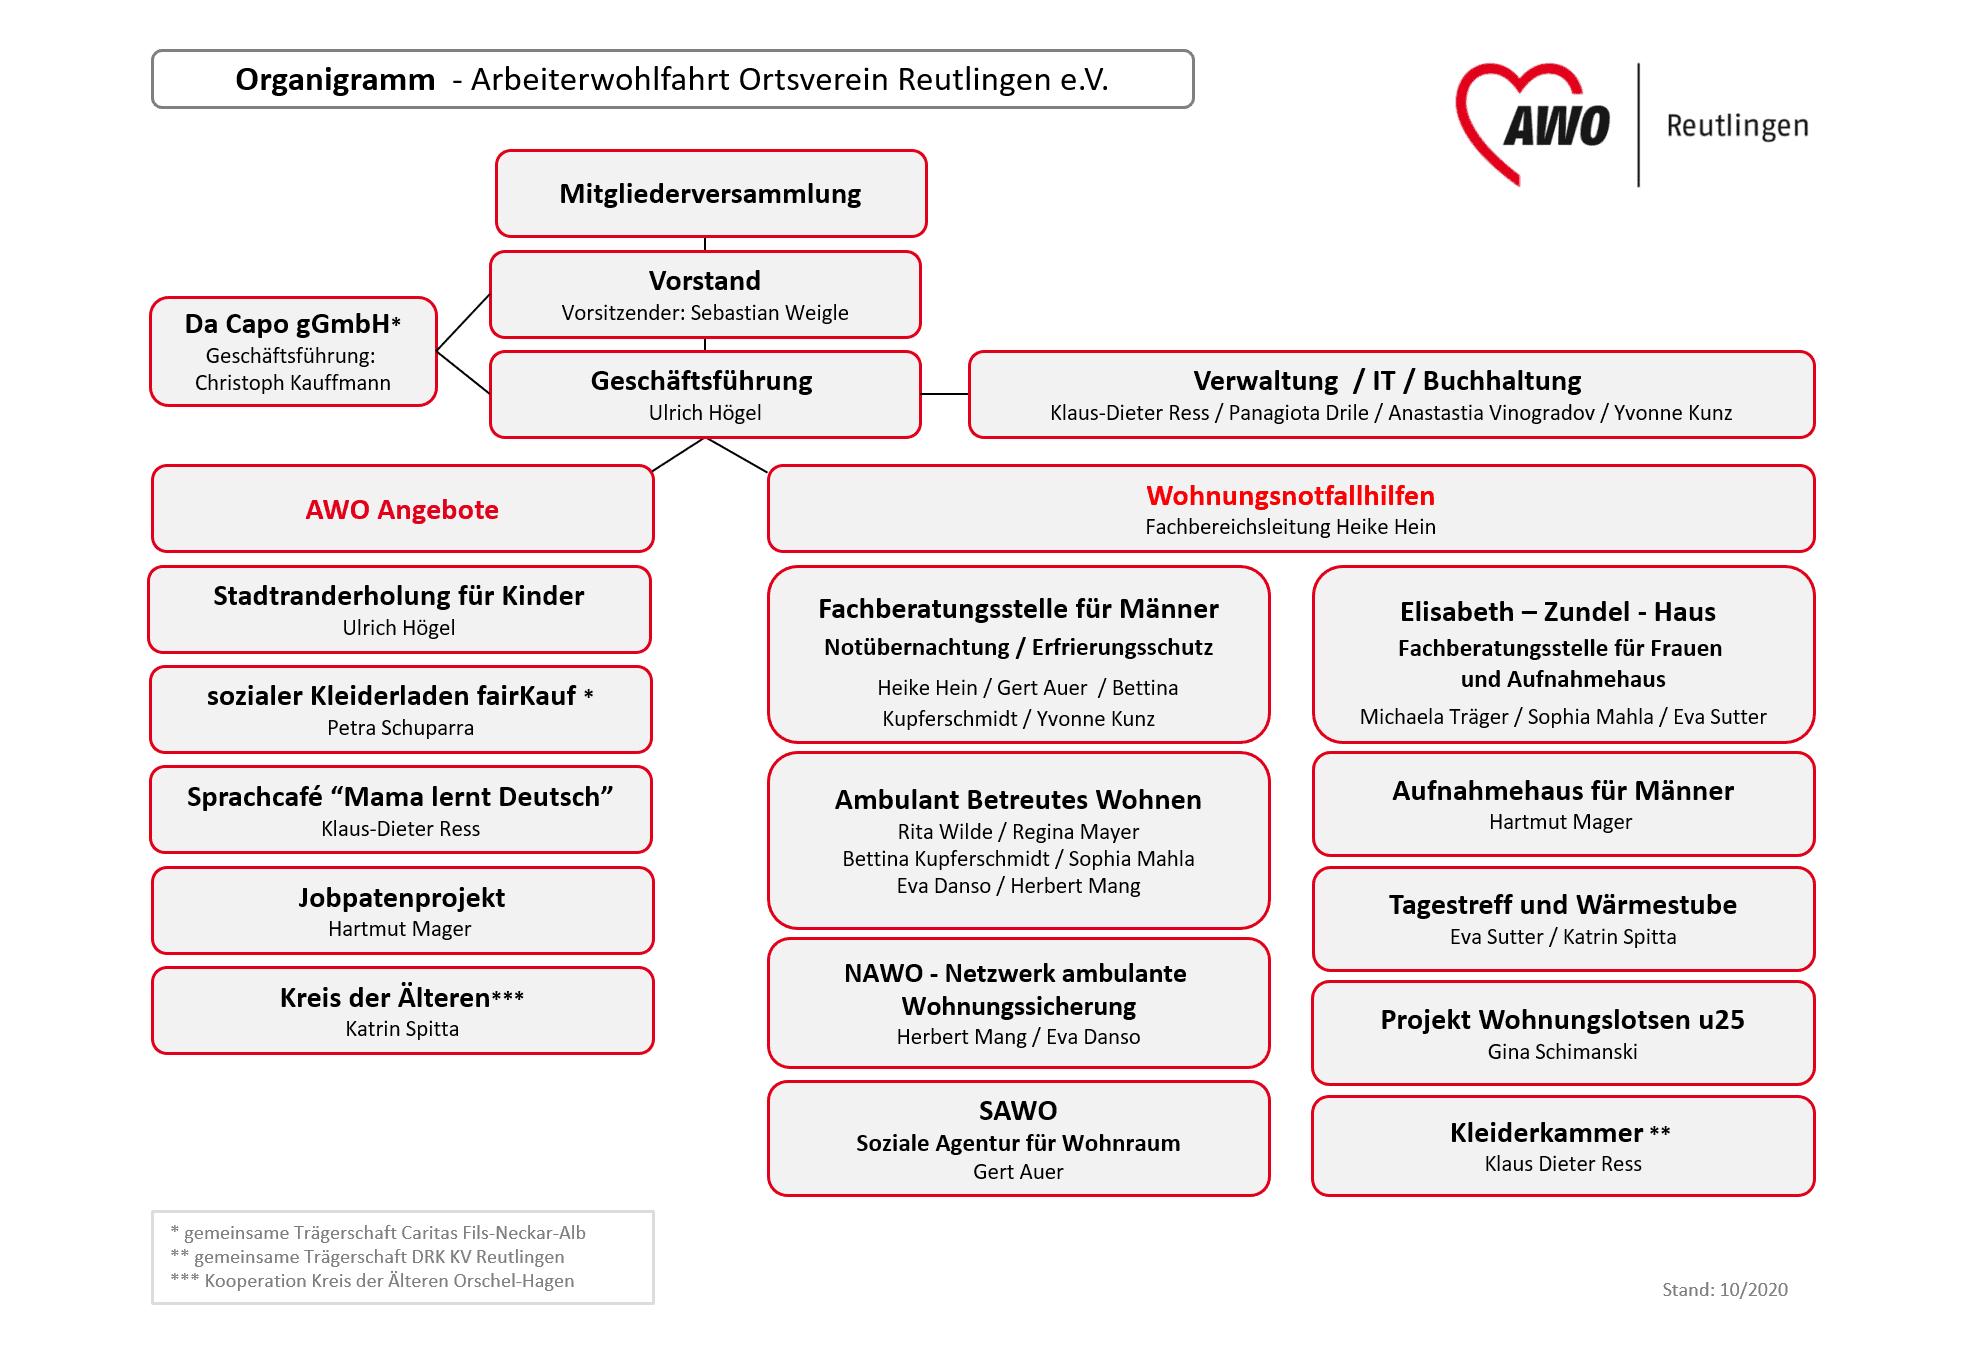 Organigramm der Arbeiterwohlfahrt Ortsverein Reutlingen e.V.